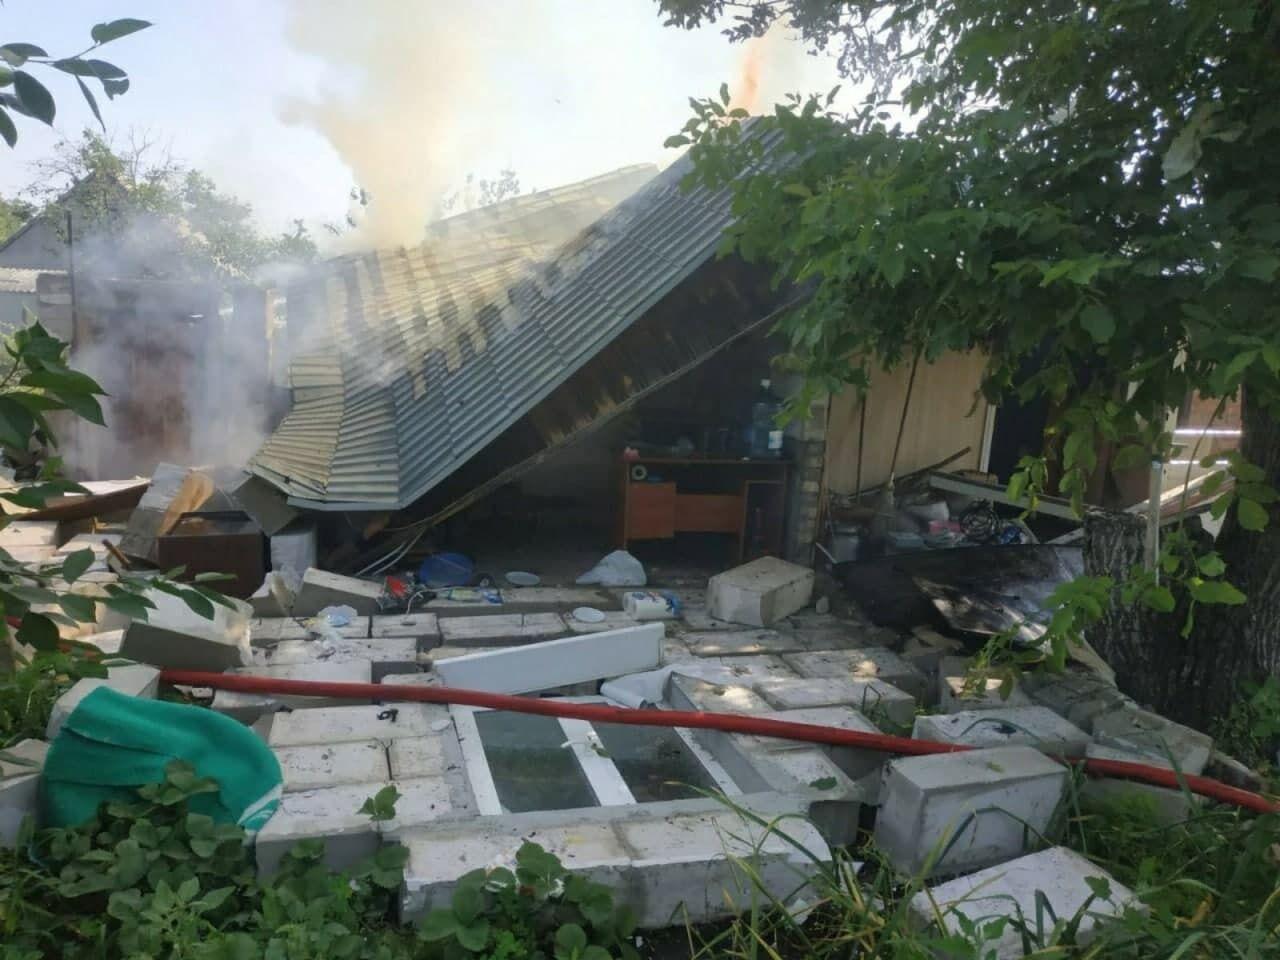 Взрыв вызвал разрушение крыши и наружной стены здания